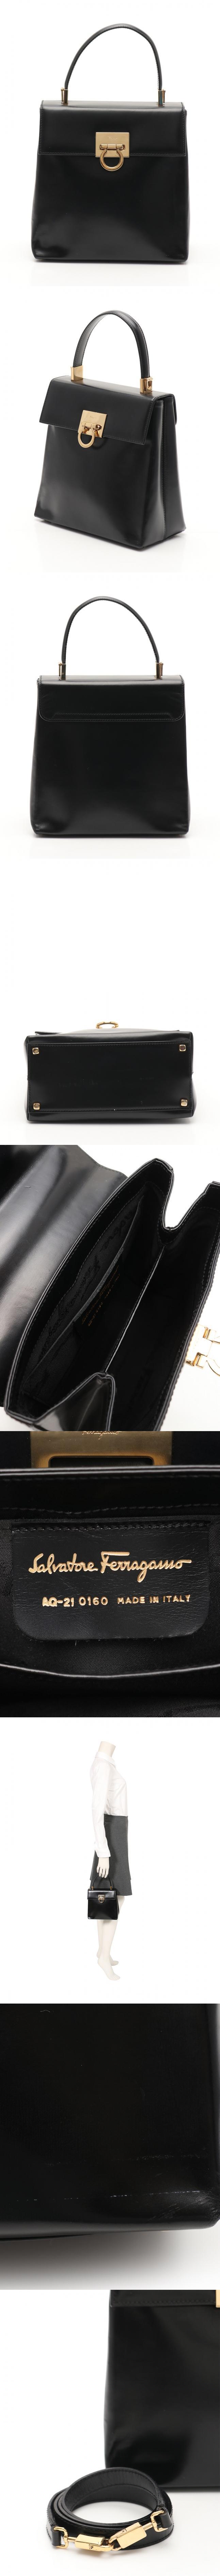 ハンドバッグ ショルダーバッグ ガンチーニ 黒 21 0160 エナメルレザー 2WAY